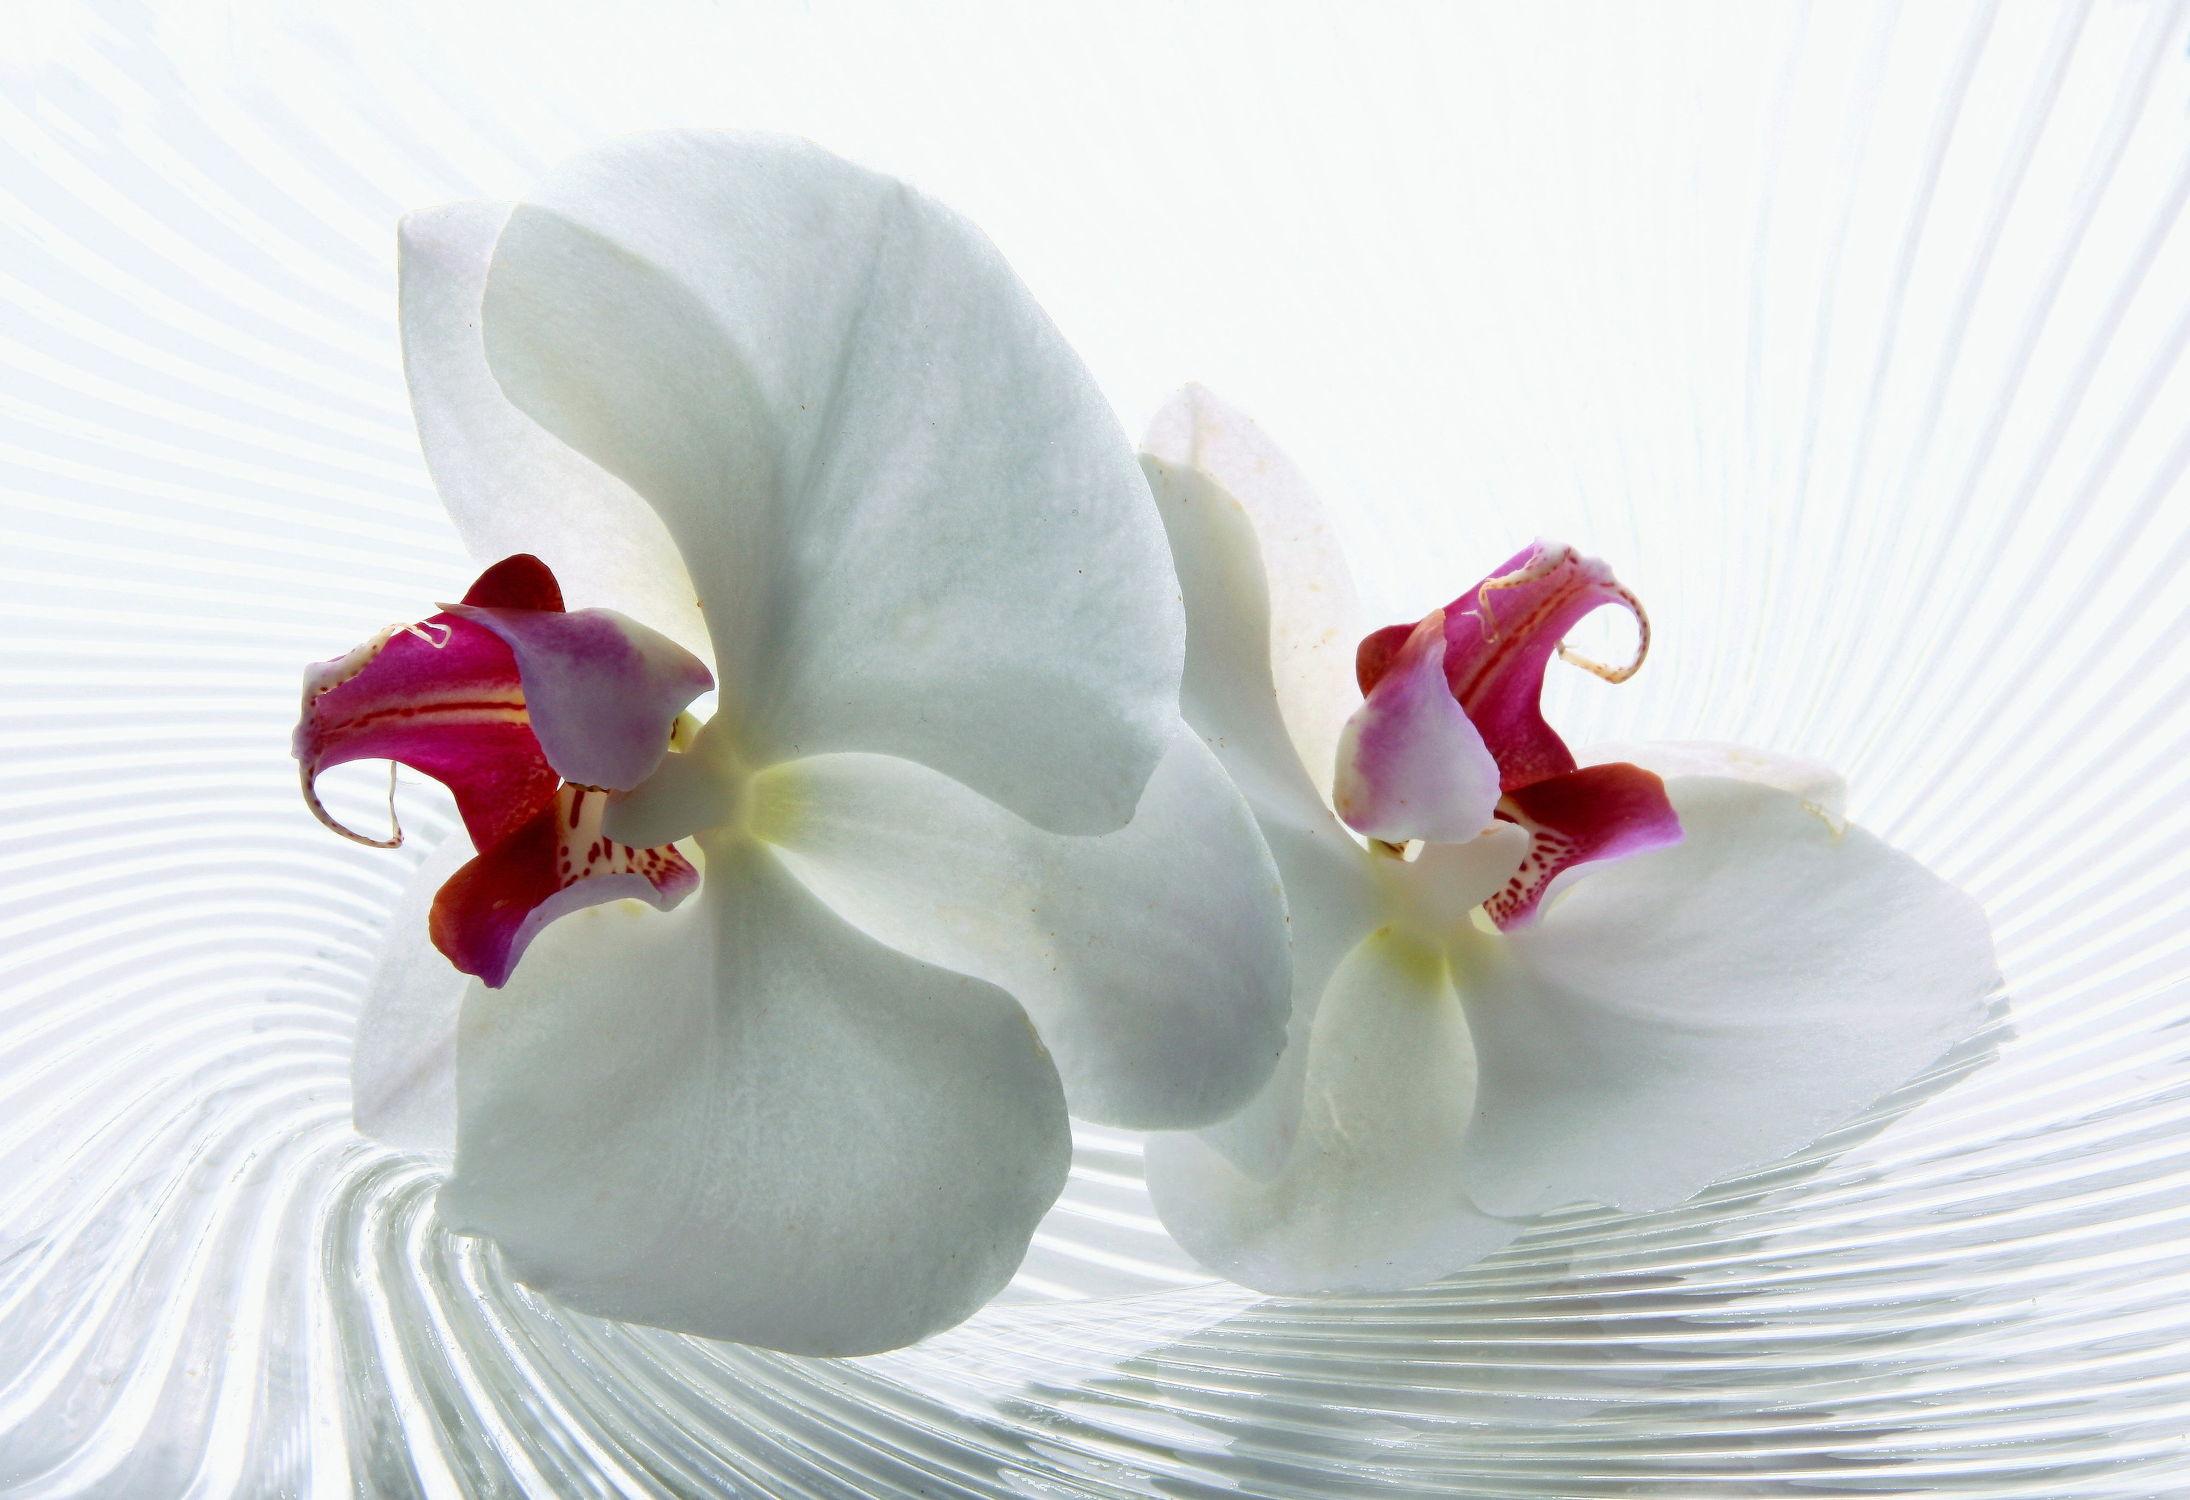 Bild mit Orchideen, Blume, Orchidee, Fauna, Floral, Flora, Stilleben, Florales, blüte